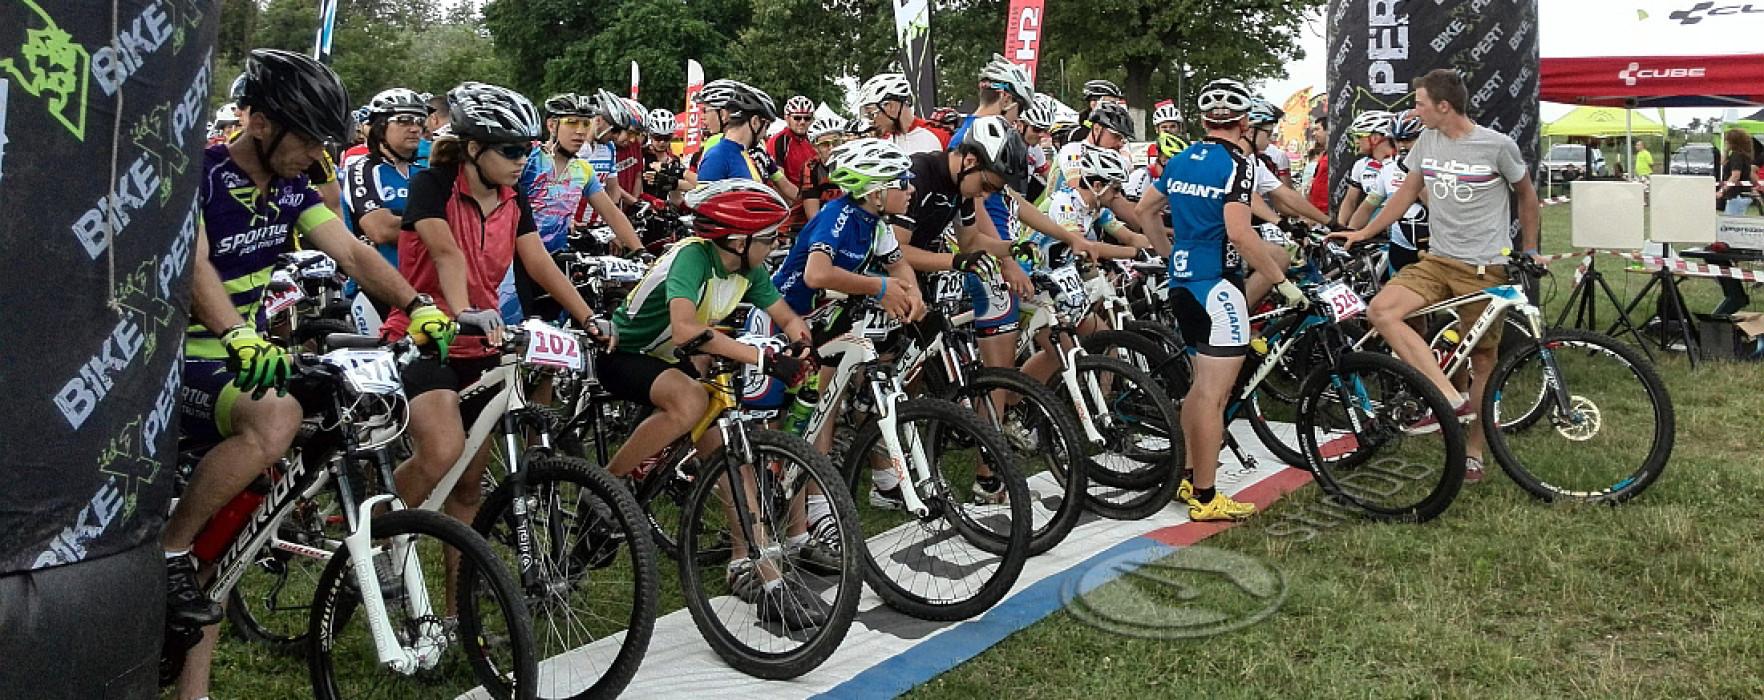 Concurs de ciclism la Zimbrăria Neagra Bucşani (foto)